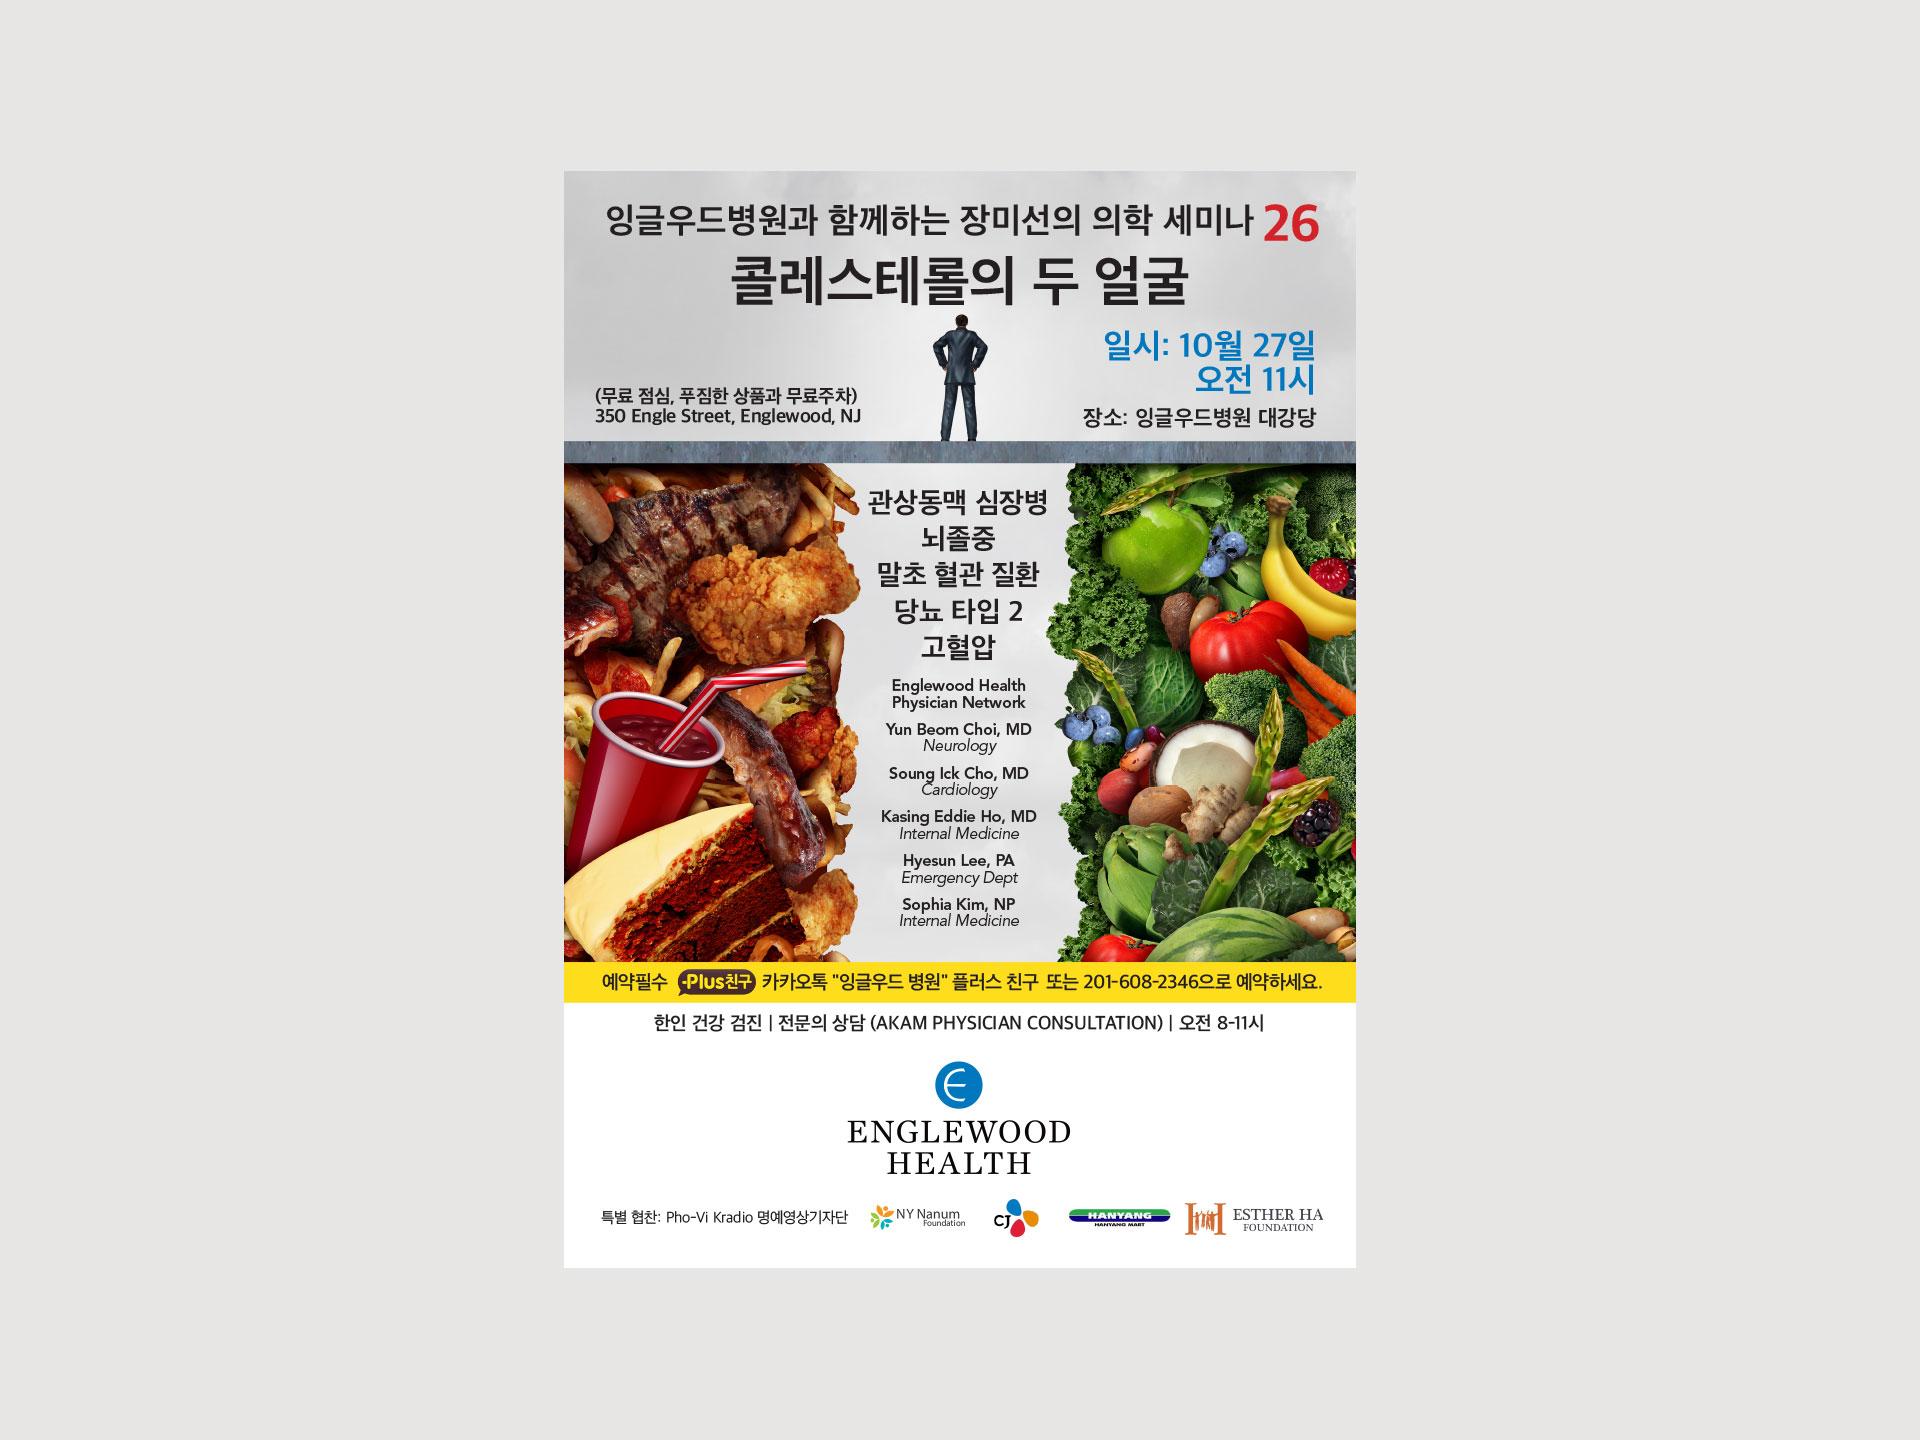 Korean Center event 26